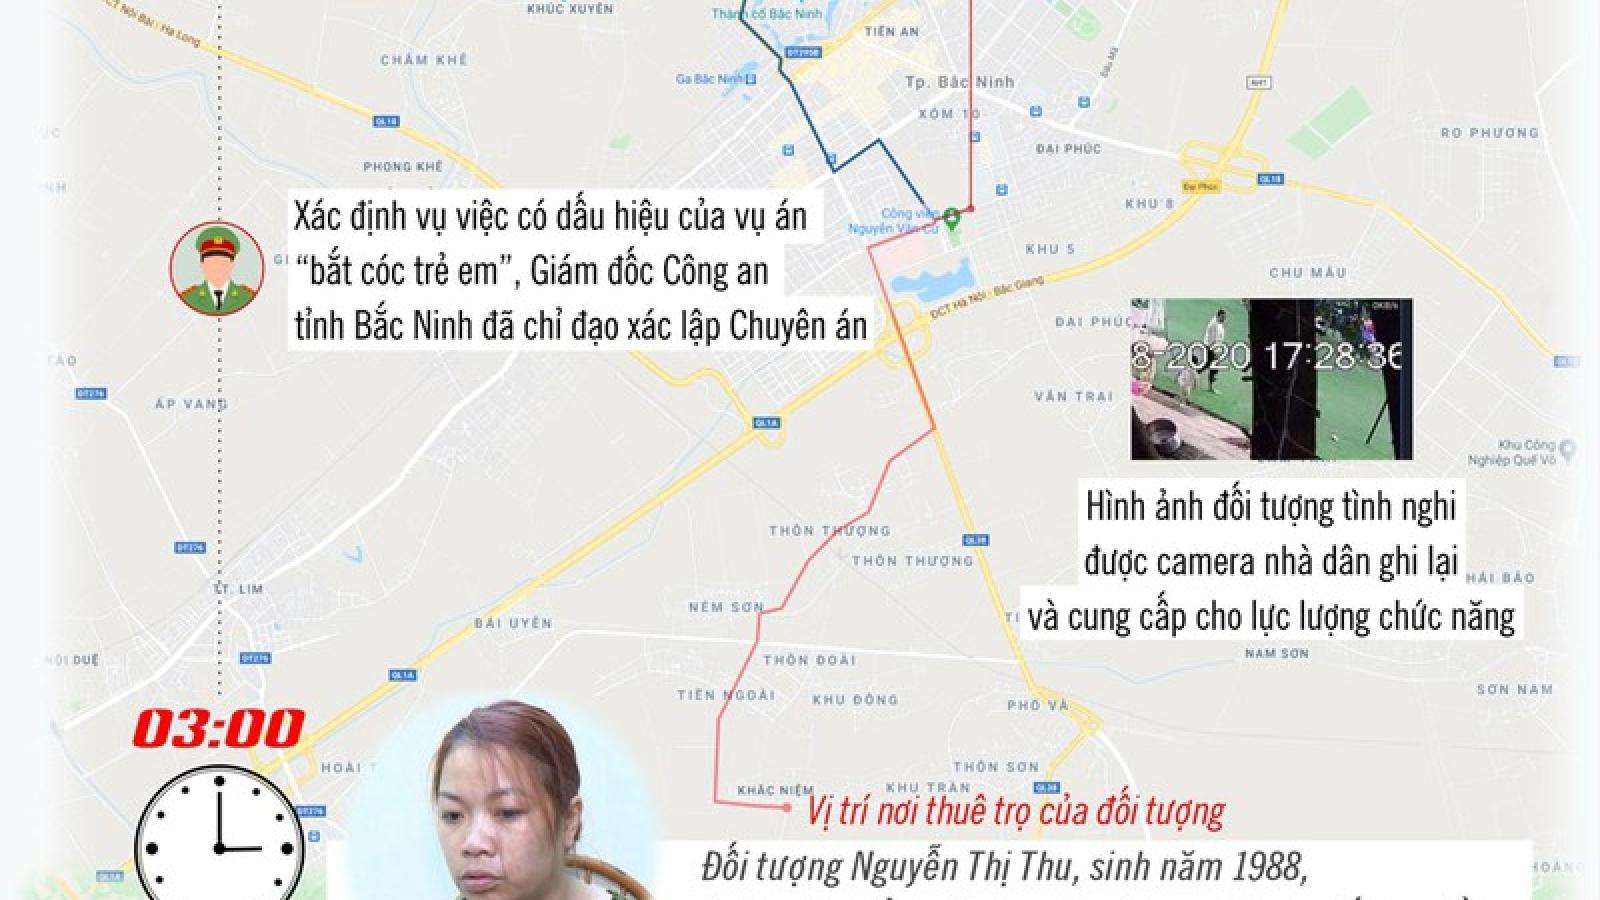 Hành trình truy tìm và giải cứu bé trai 2 tuổi bị bắt cóc ở Bắc Ninh